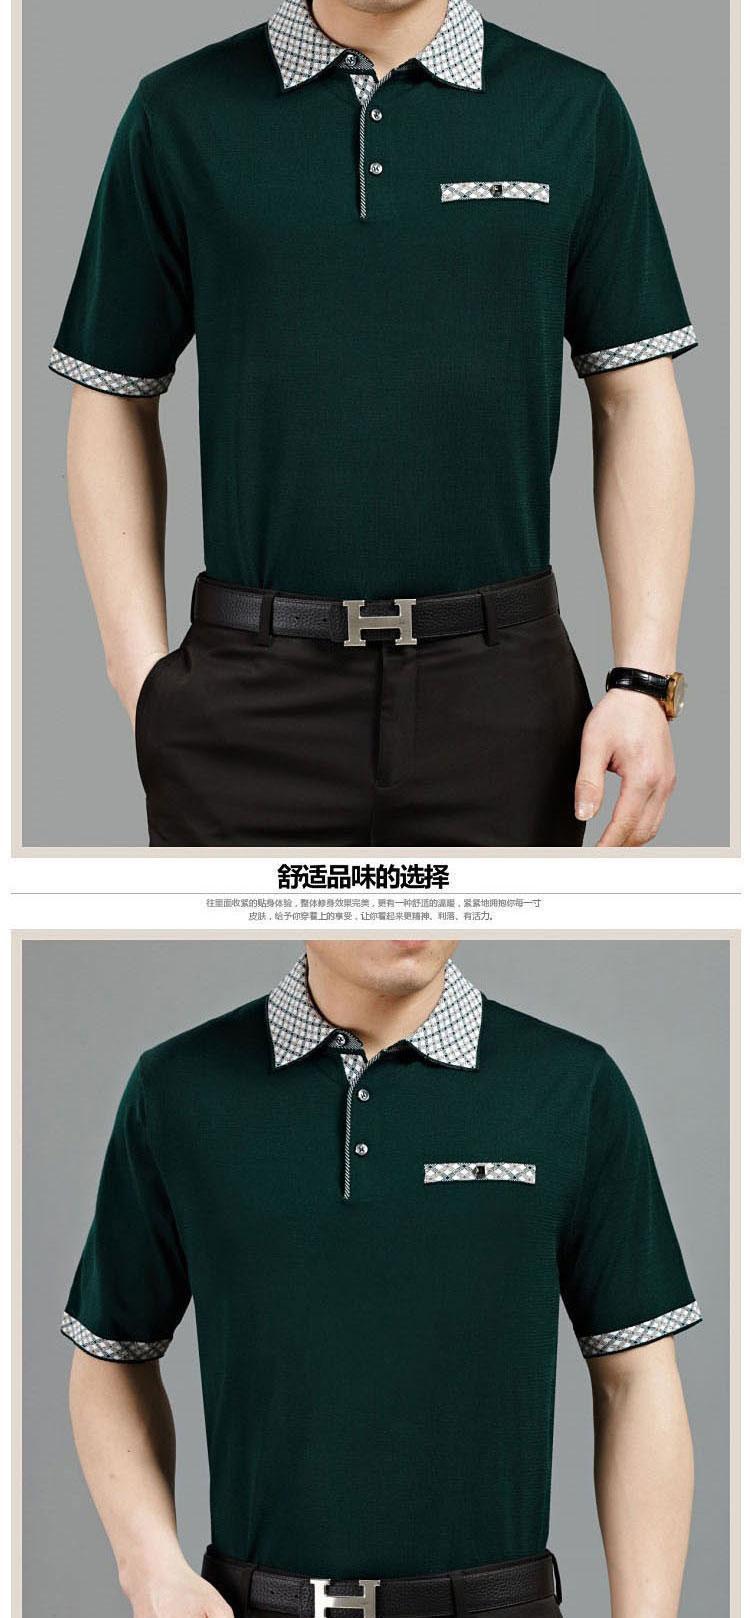 桑蚕丝短袖t恤 男式纯色中年商务品牌男装 2014夏季新款翻领 T恤